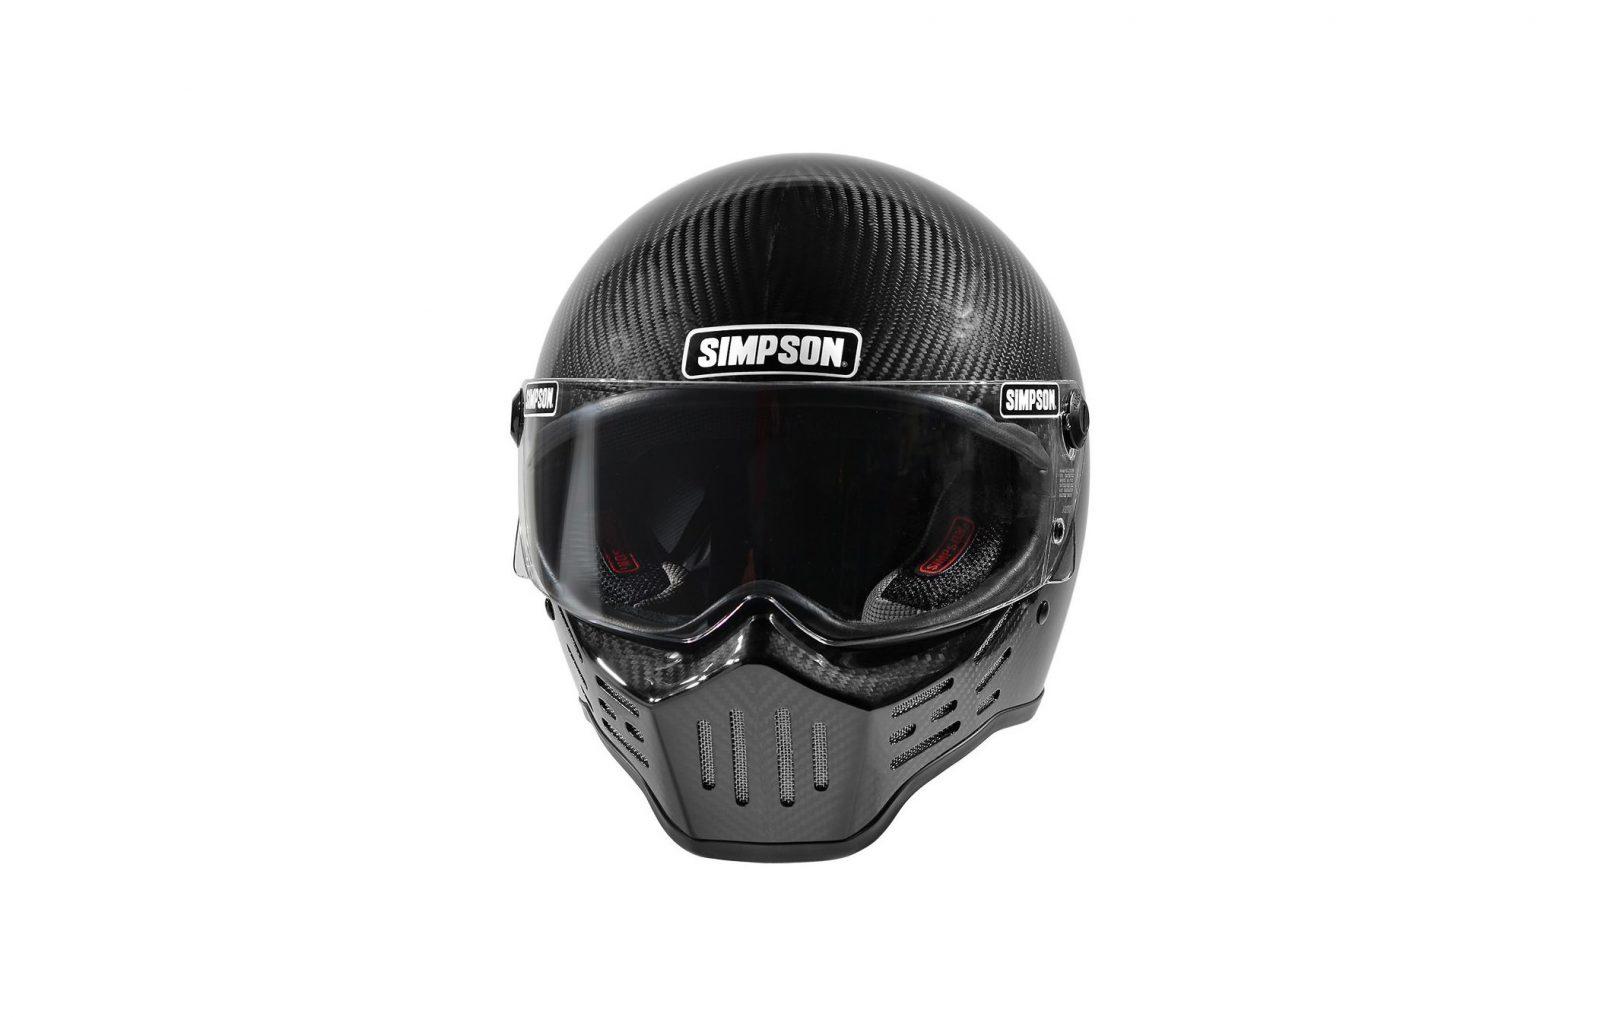 Simpson M30 Bandit Carbon Helmet 2 1600x1017 - Simpson M30 Bandit Carbon Helmet